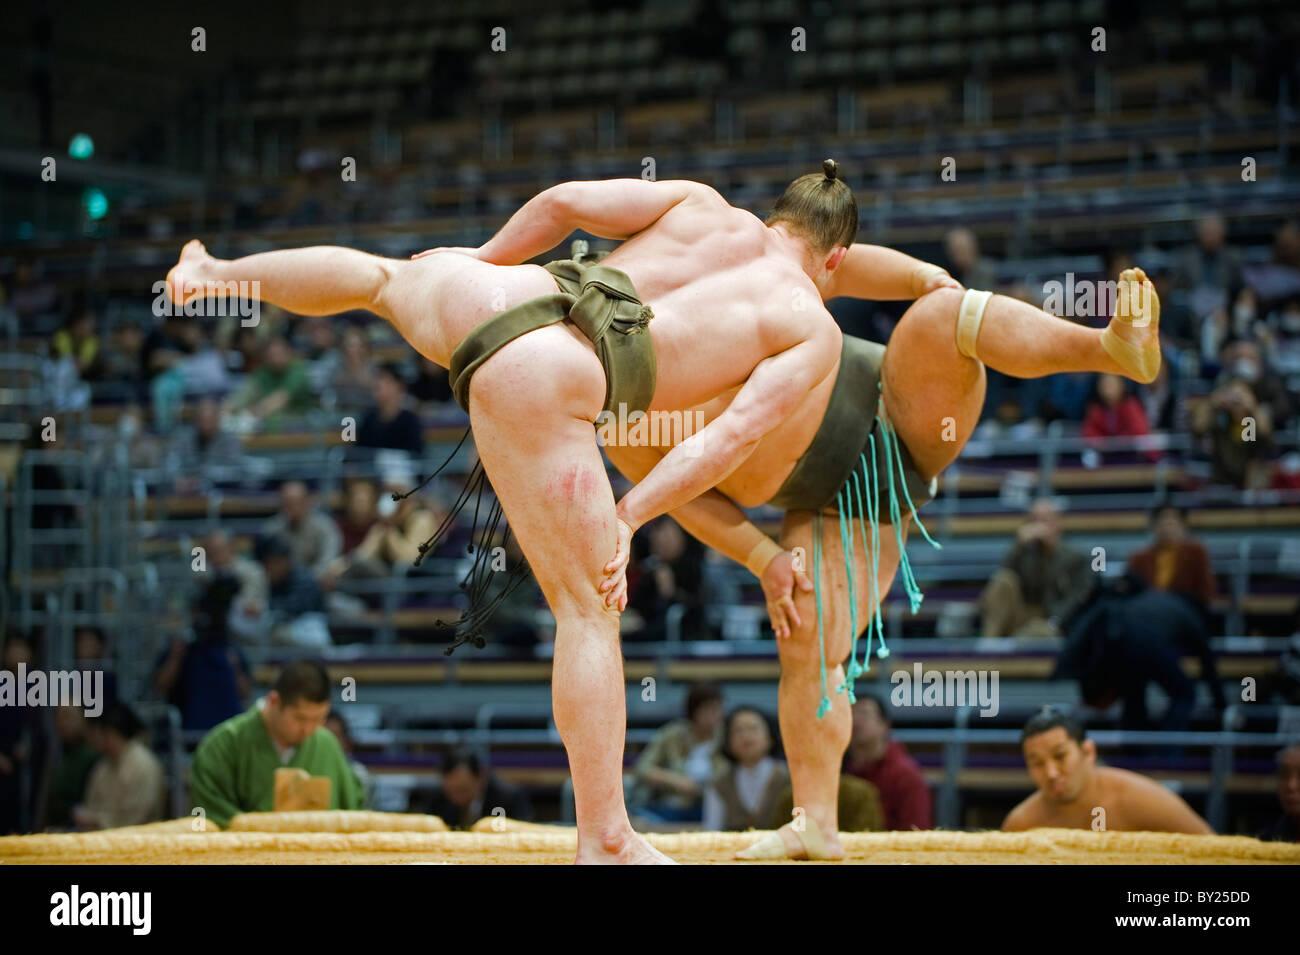 Asia, Giappone, Kyushu, citta' di Fukuoka, Fukuoka Sumo concorrenza, Shiko bout rituali, Kyushu Basho Immagini Stock